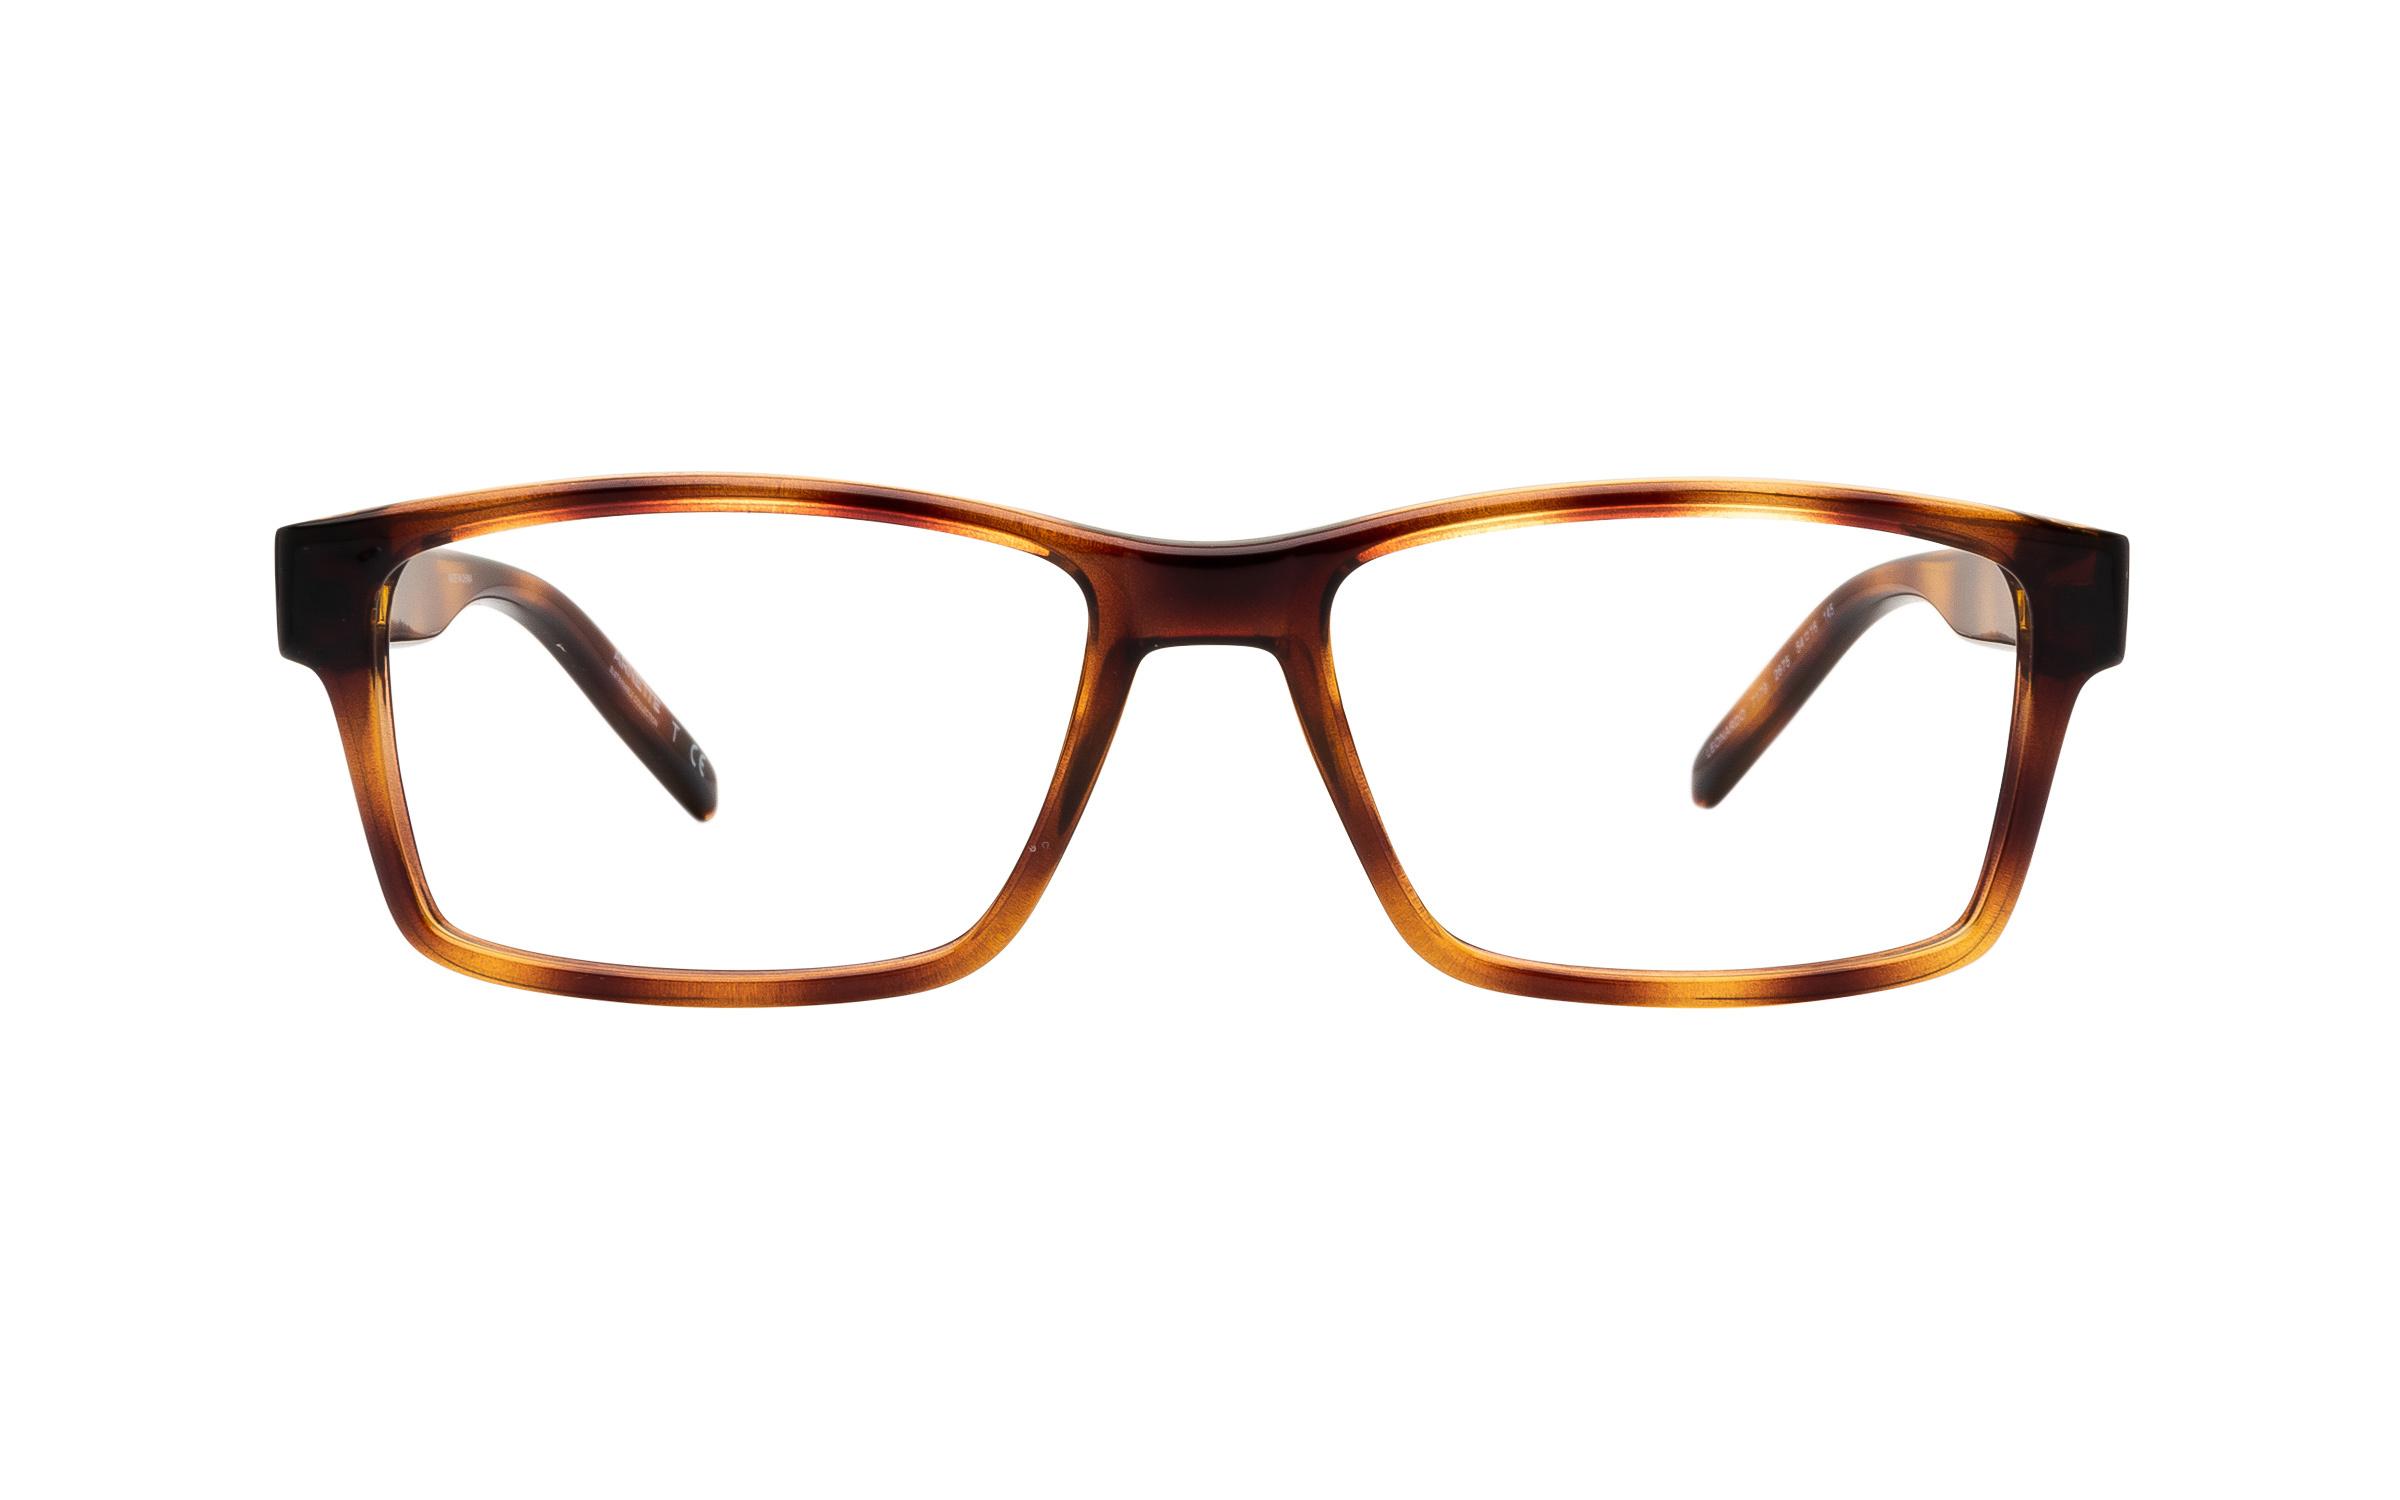 Luxottica Arnette Leonardo AN7179 2675 (54) Eyeglasses and Frame in Havana Tortoise | Acetate - Online Coastal